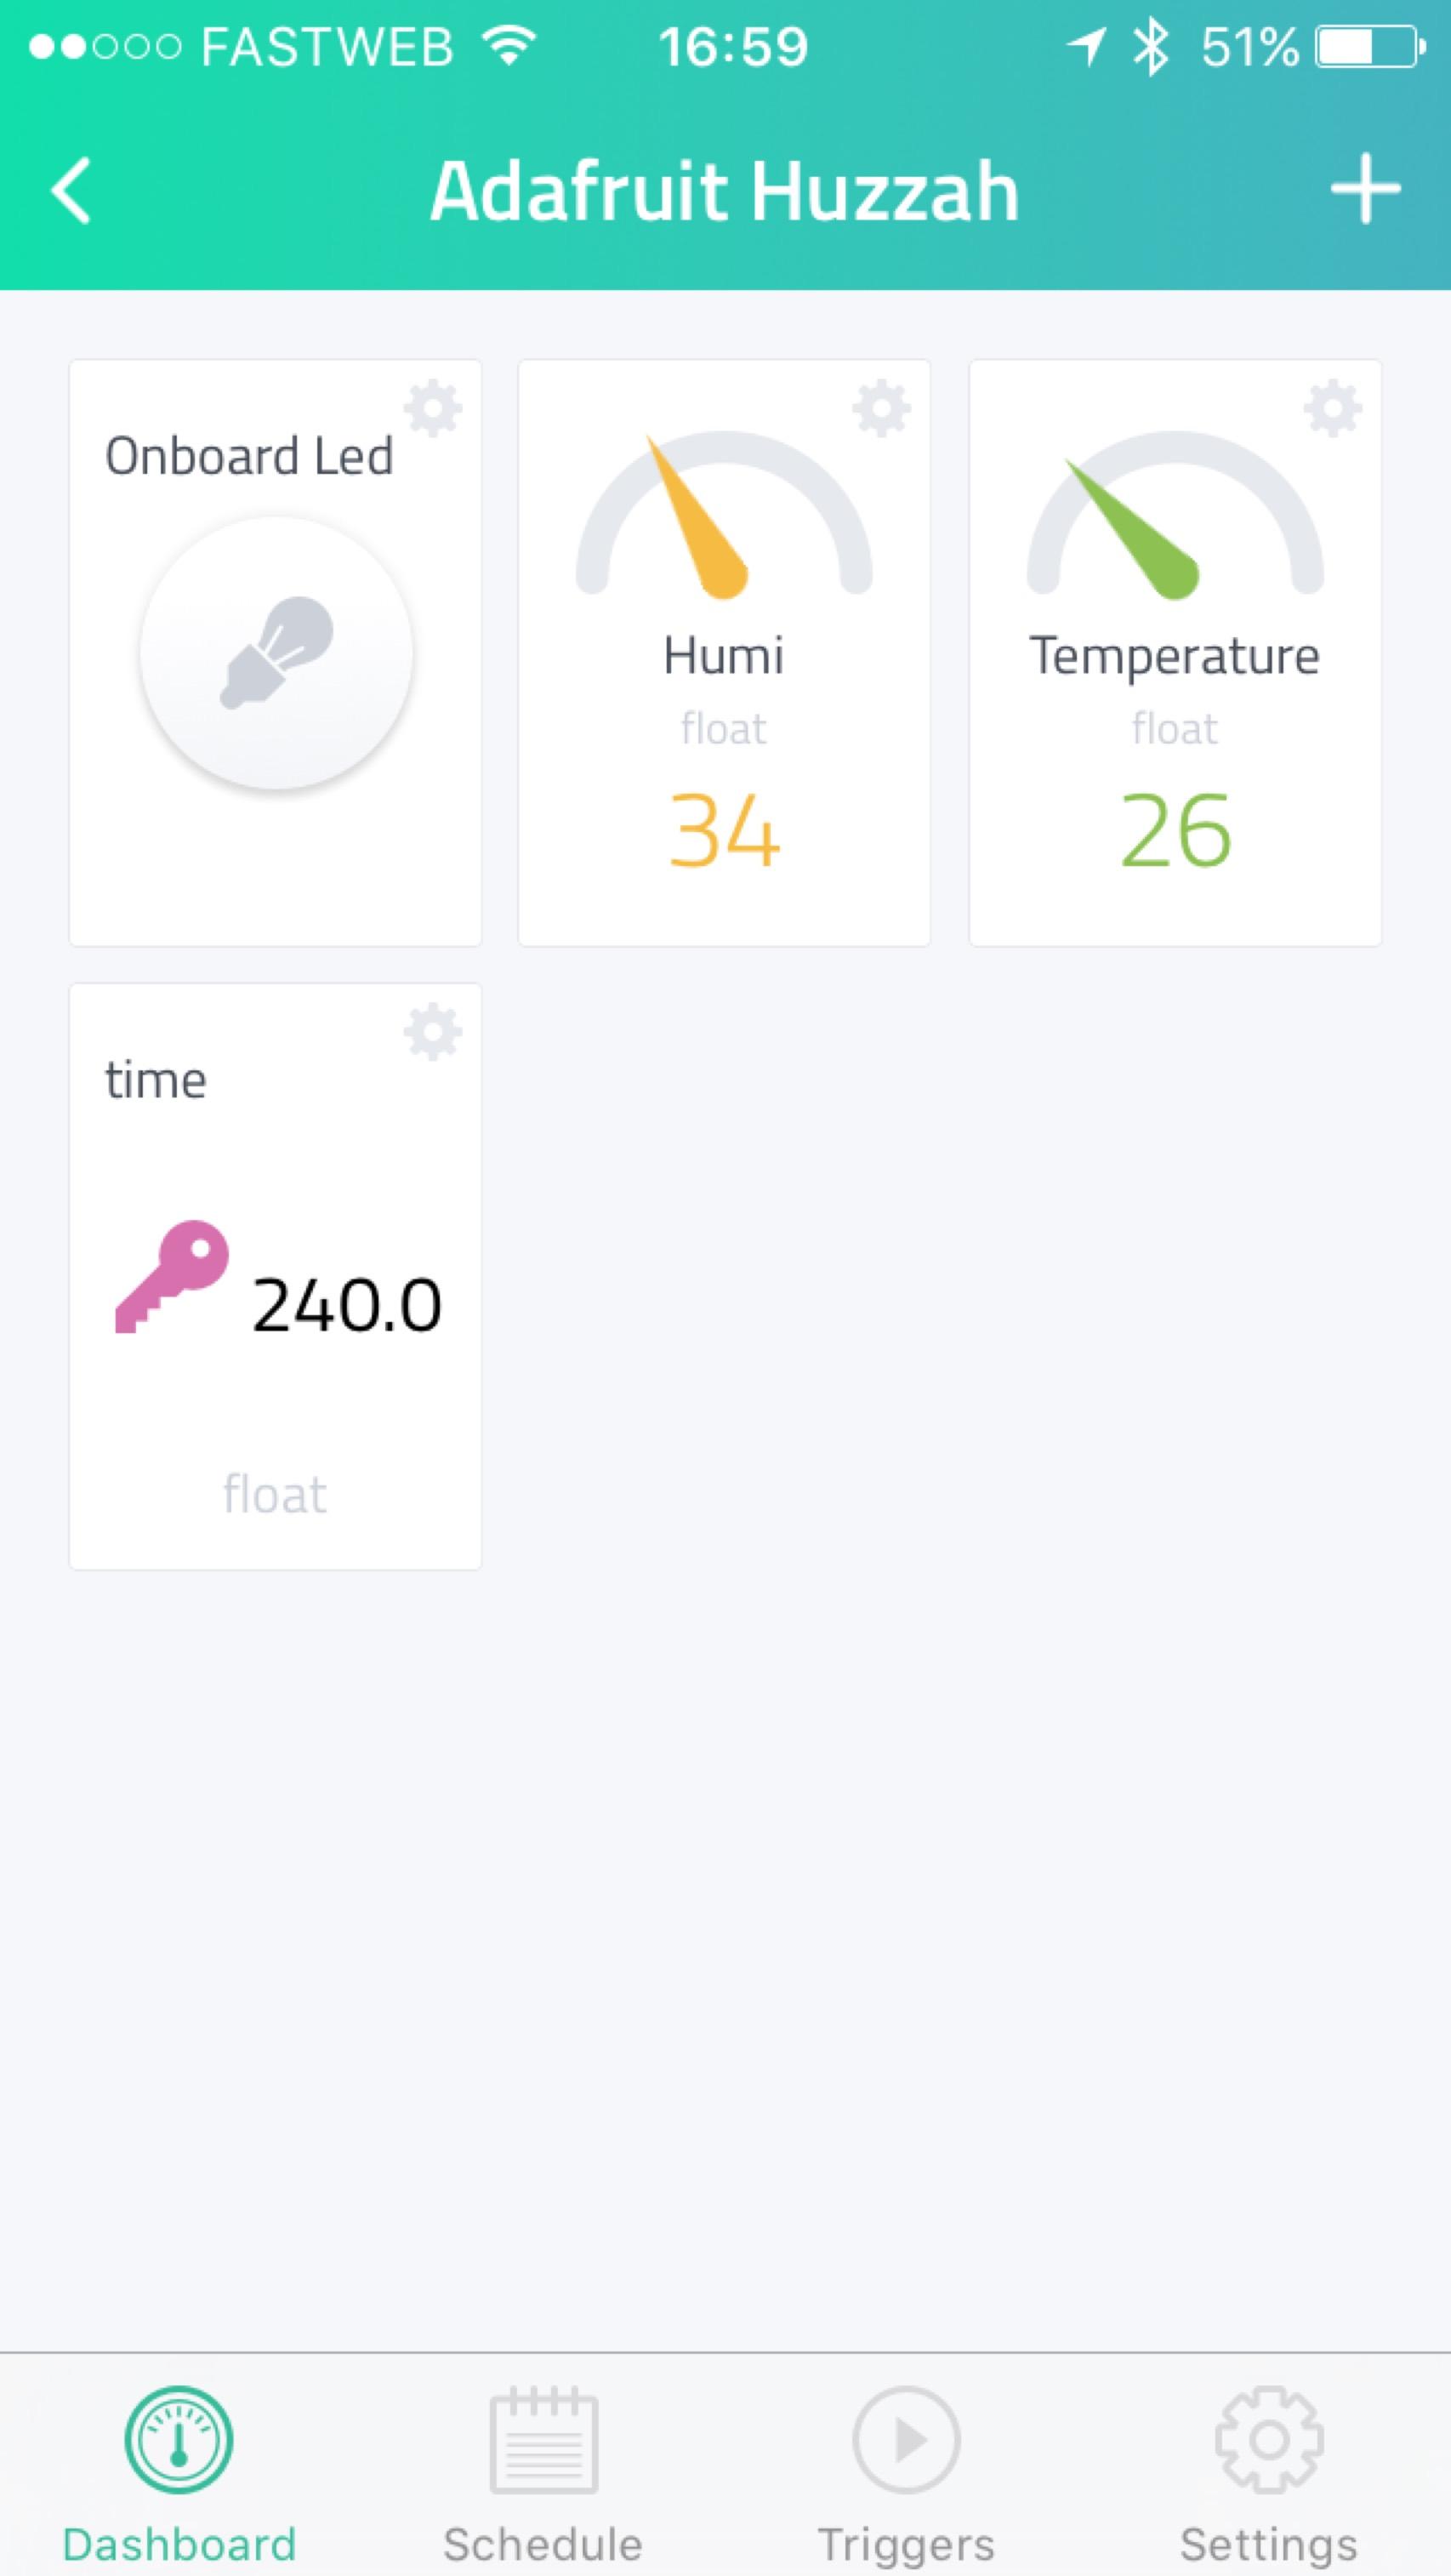 Adafruit Huzzah Mobile App Pic